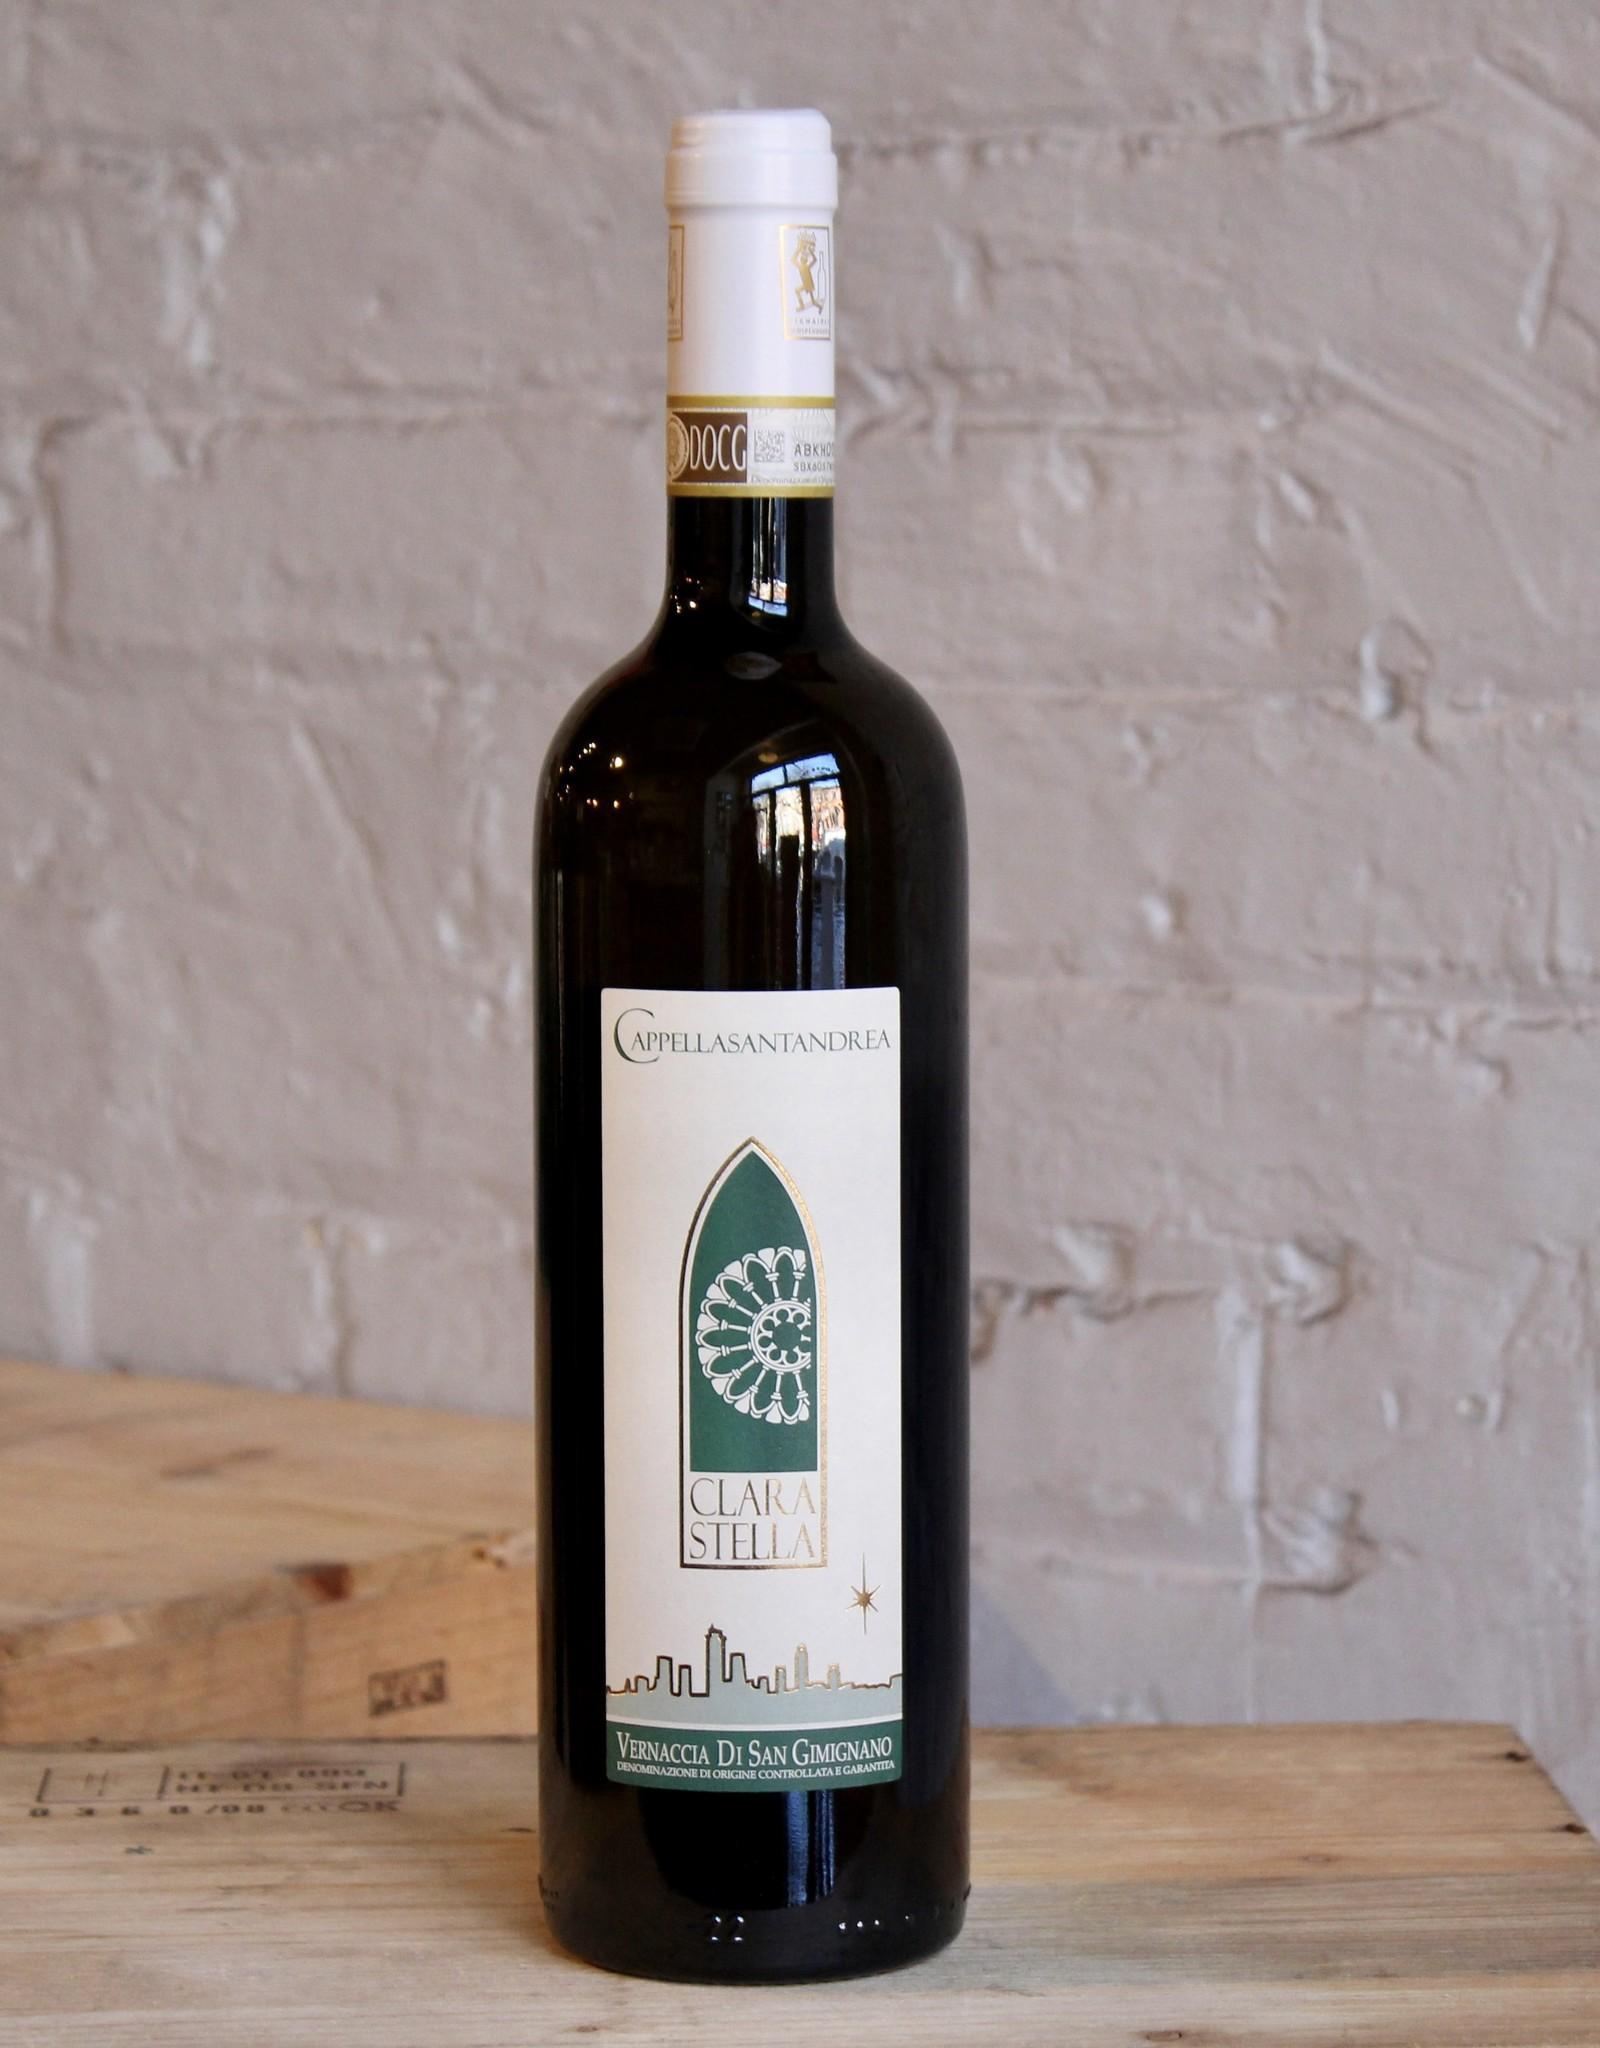 Wine 2018 Cappella Sant' Andrea Clara Stella Vernaccia di San Gimignano - Tuscany, Italy (750ml)